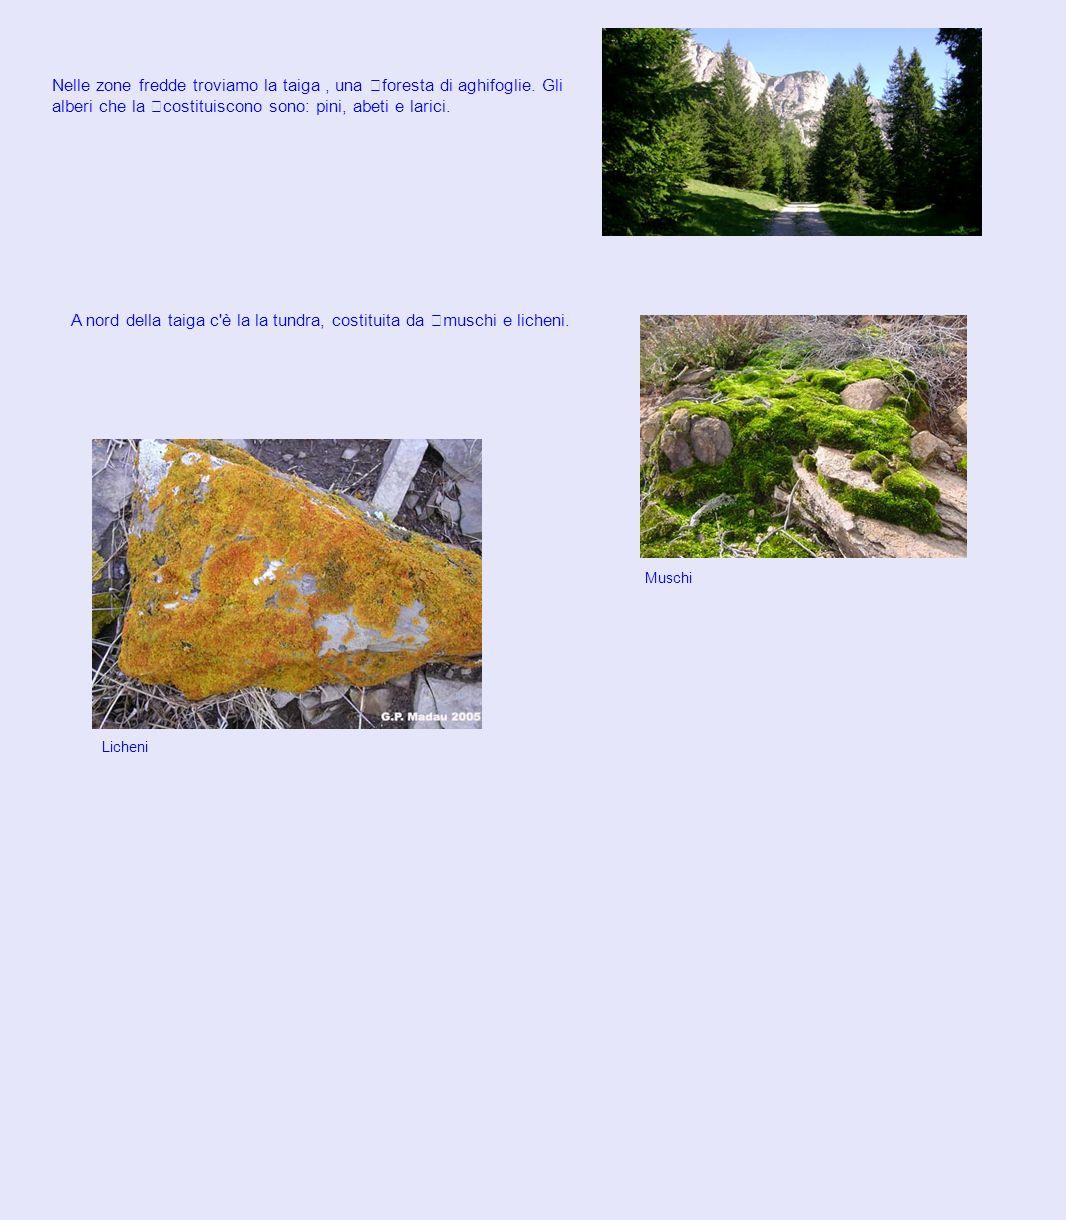 A nord della taiga c è la la tundra, costituita da muschi e licheni.